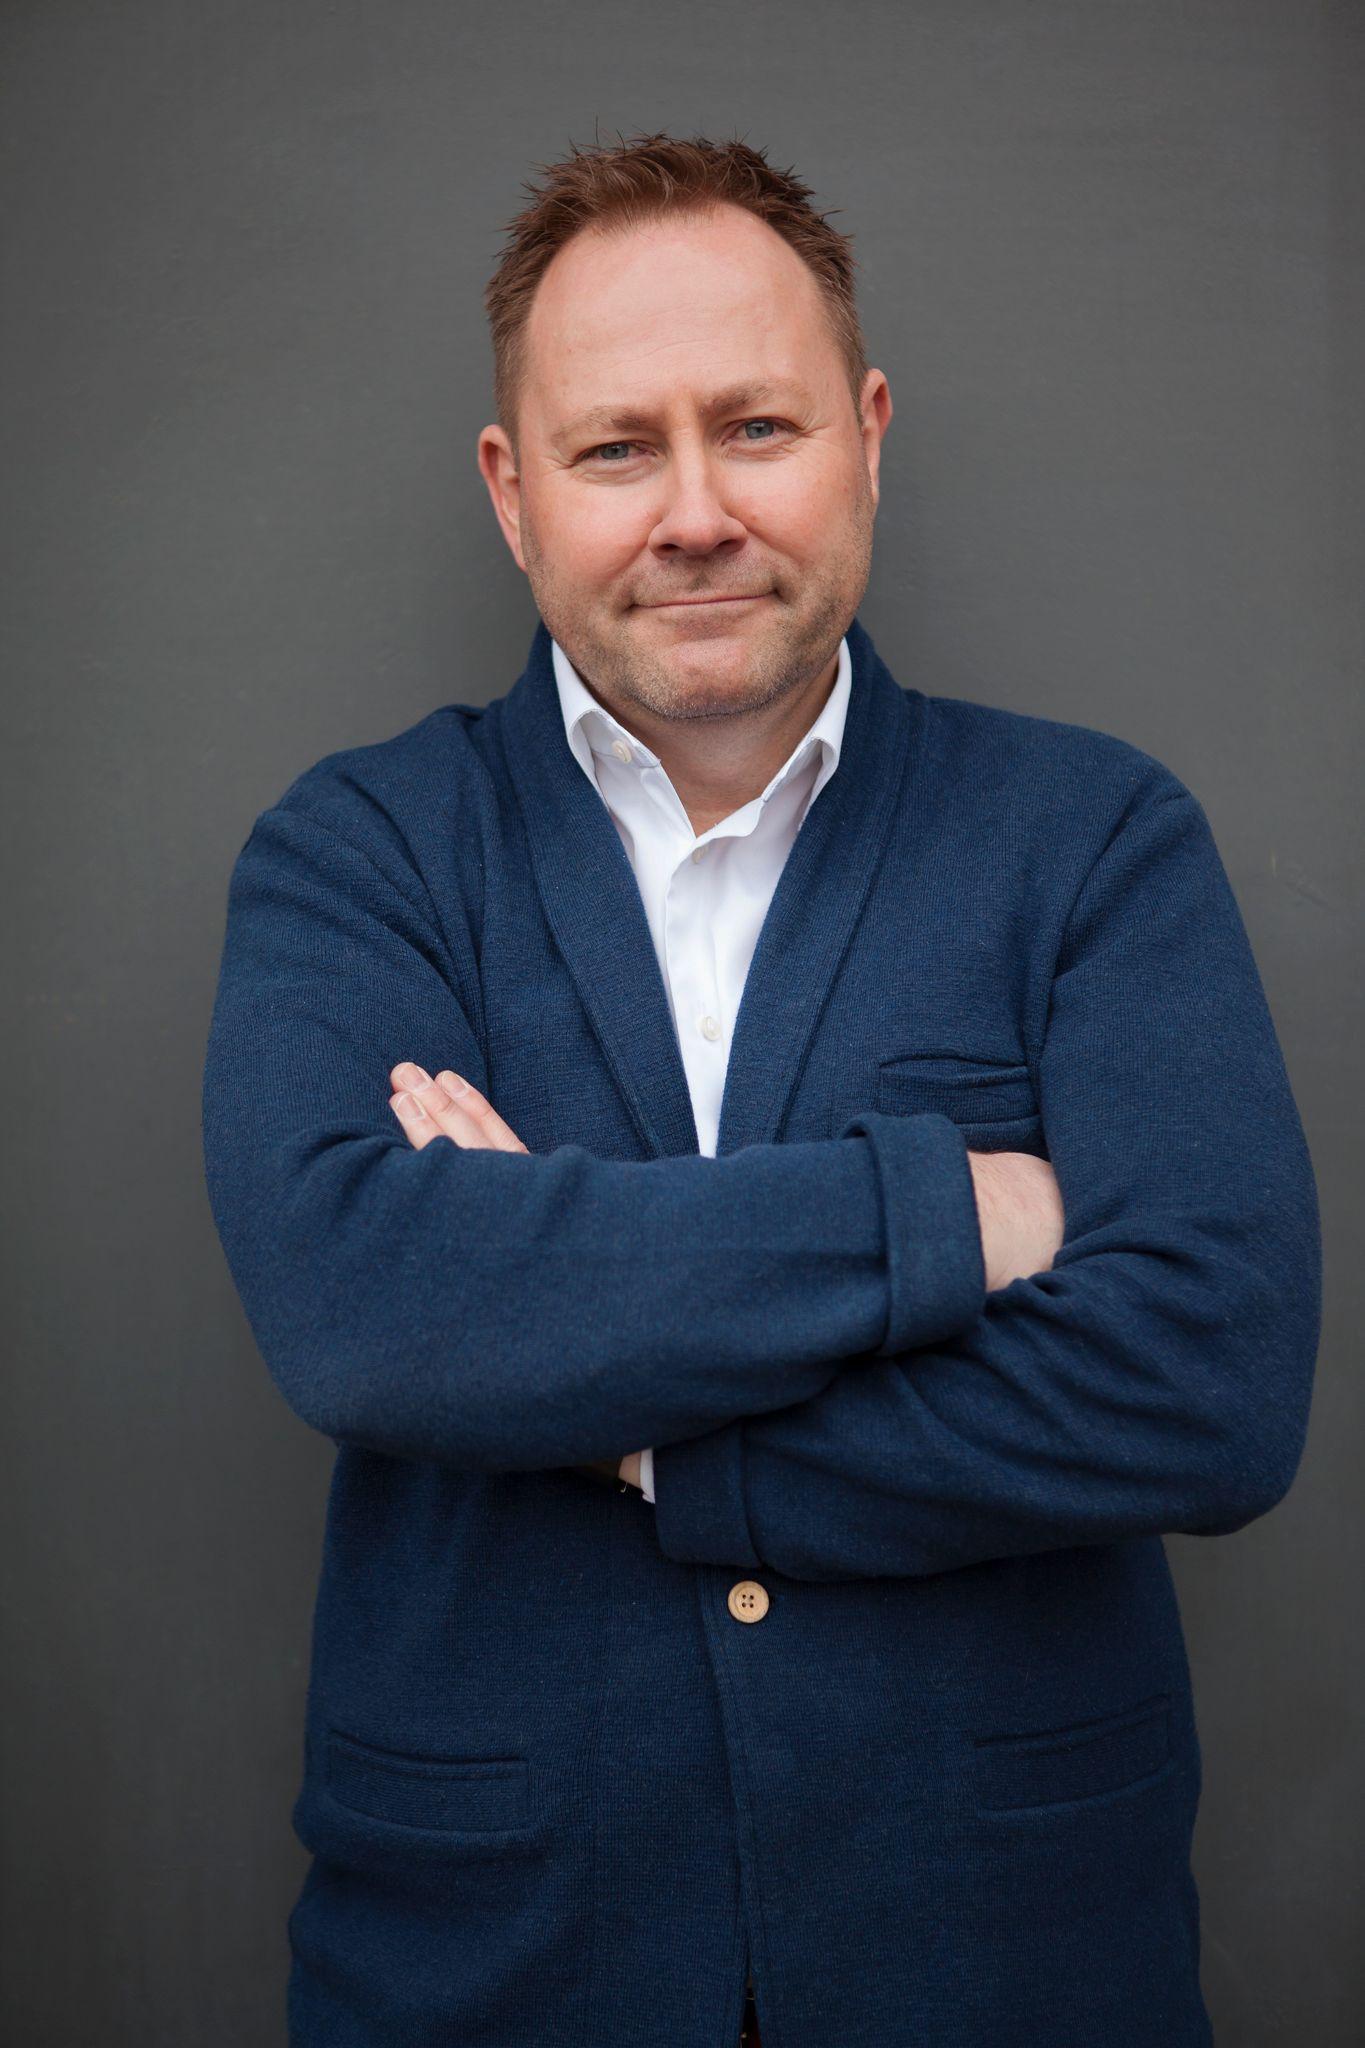 Tidligere sjef i Hello og markedsdirektør i Onecall, Thomas Sandaker.